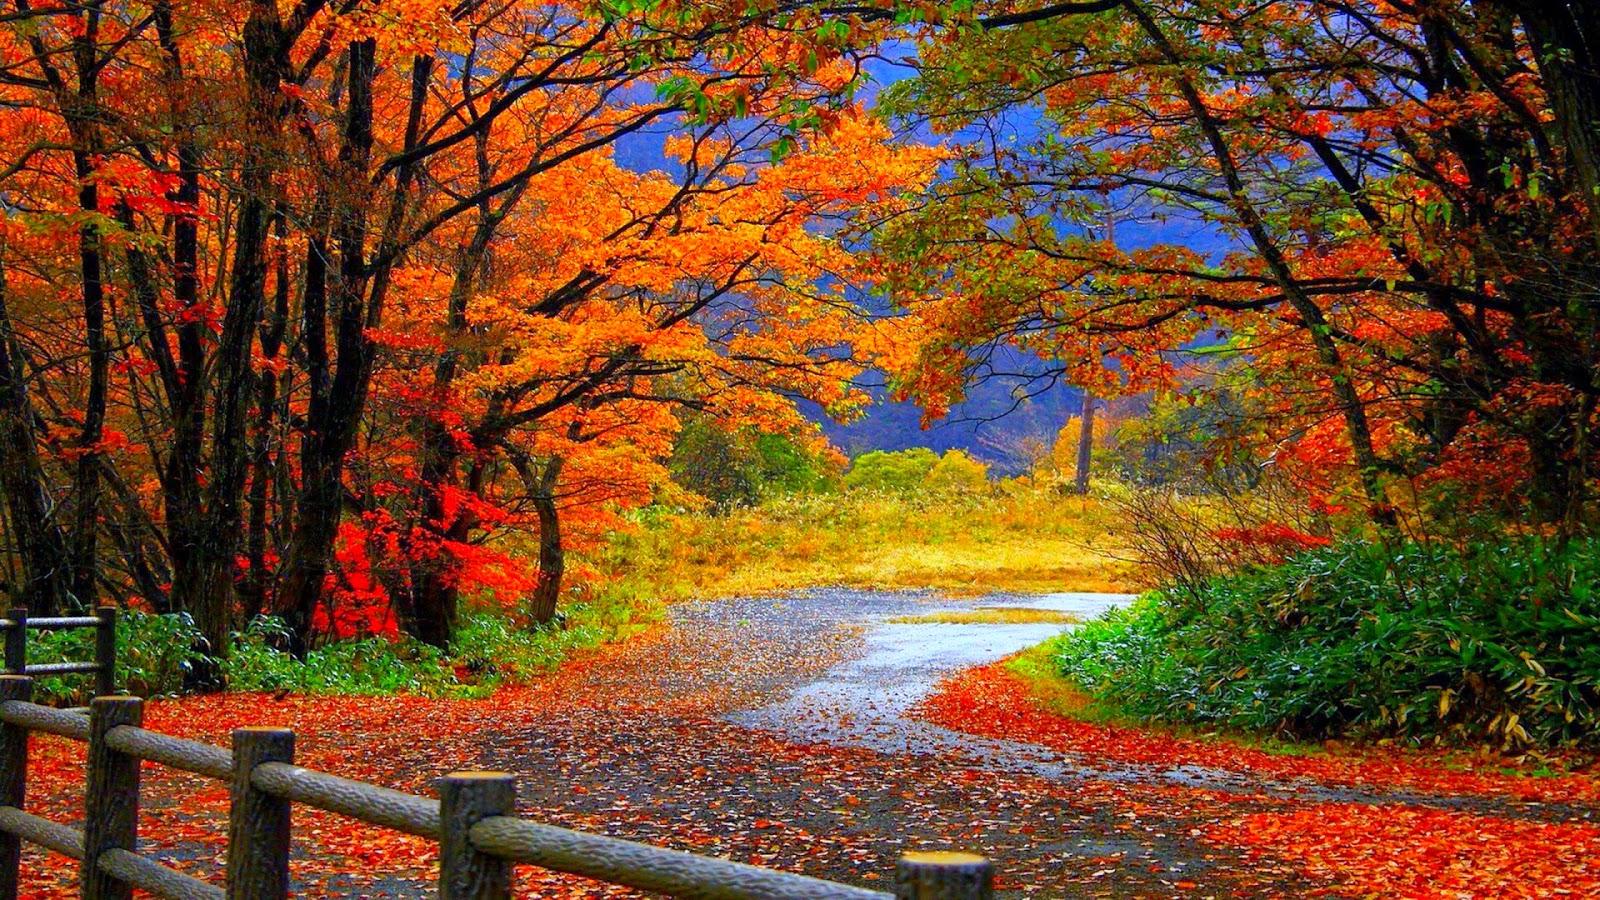 خلفيات طبيعية لفصل الخريف